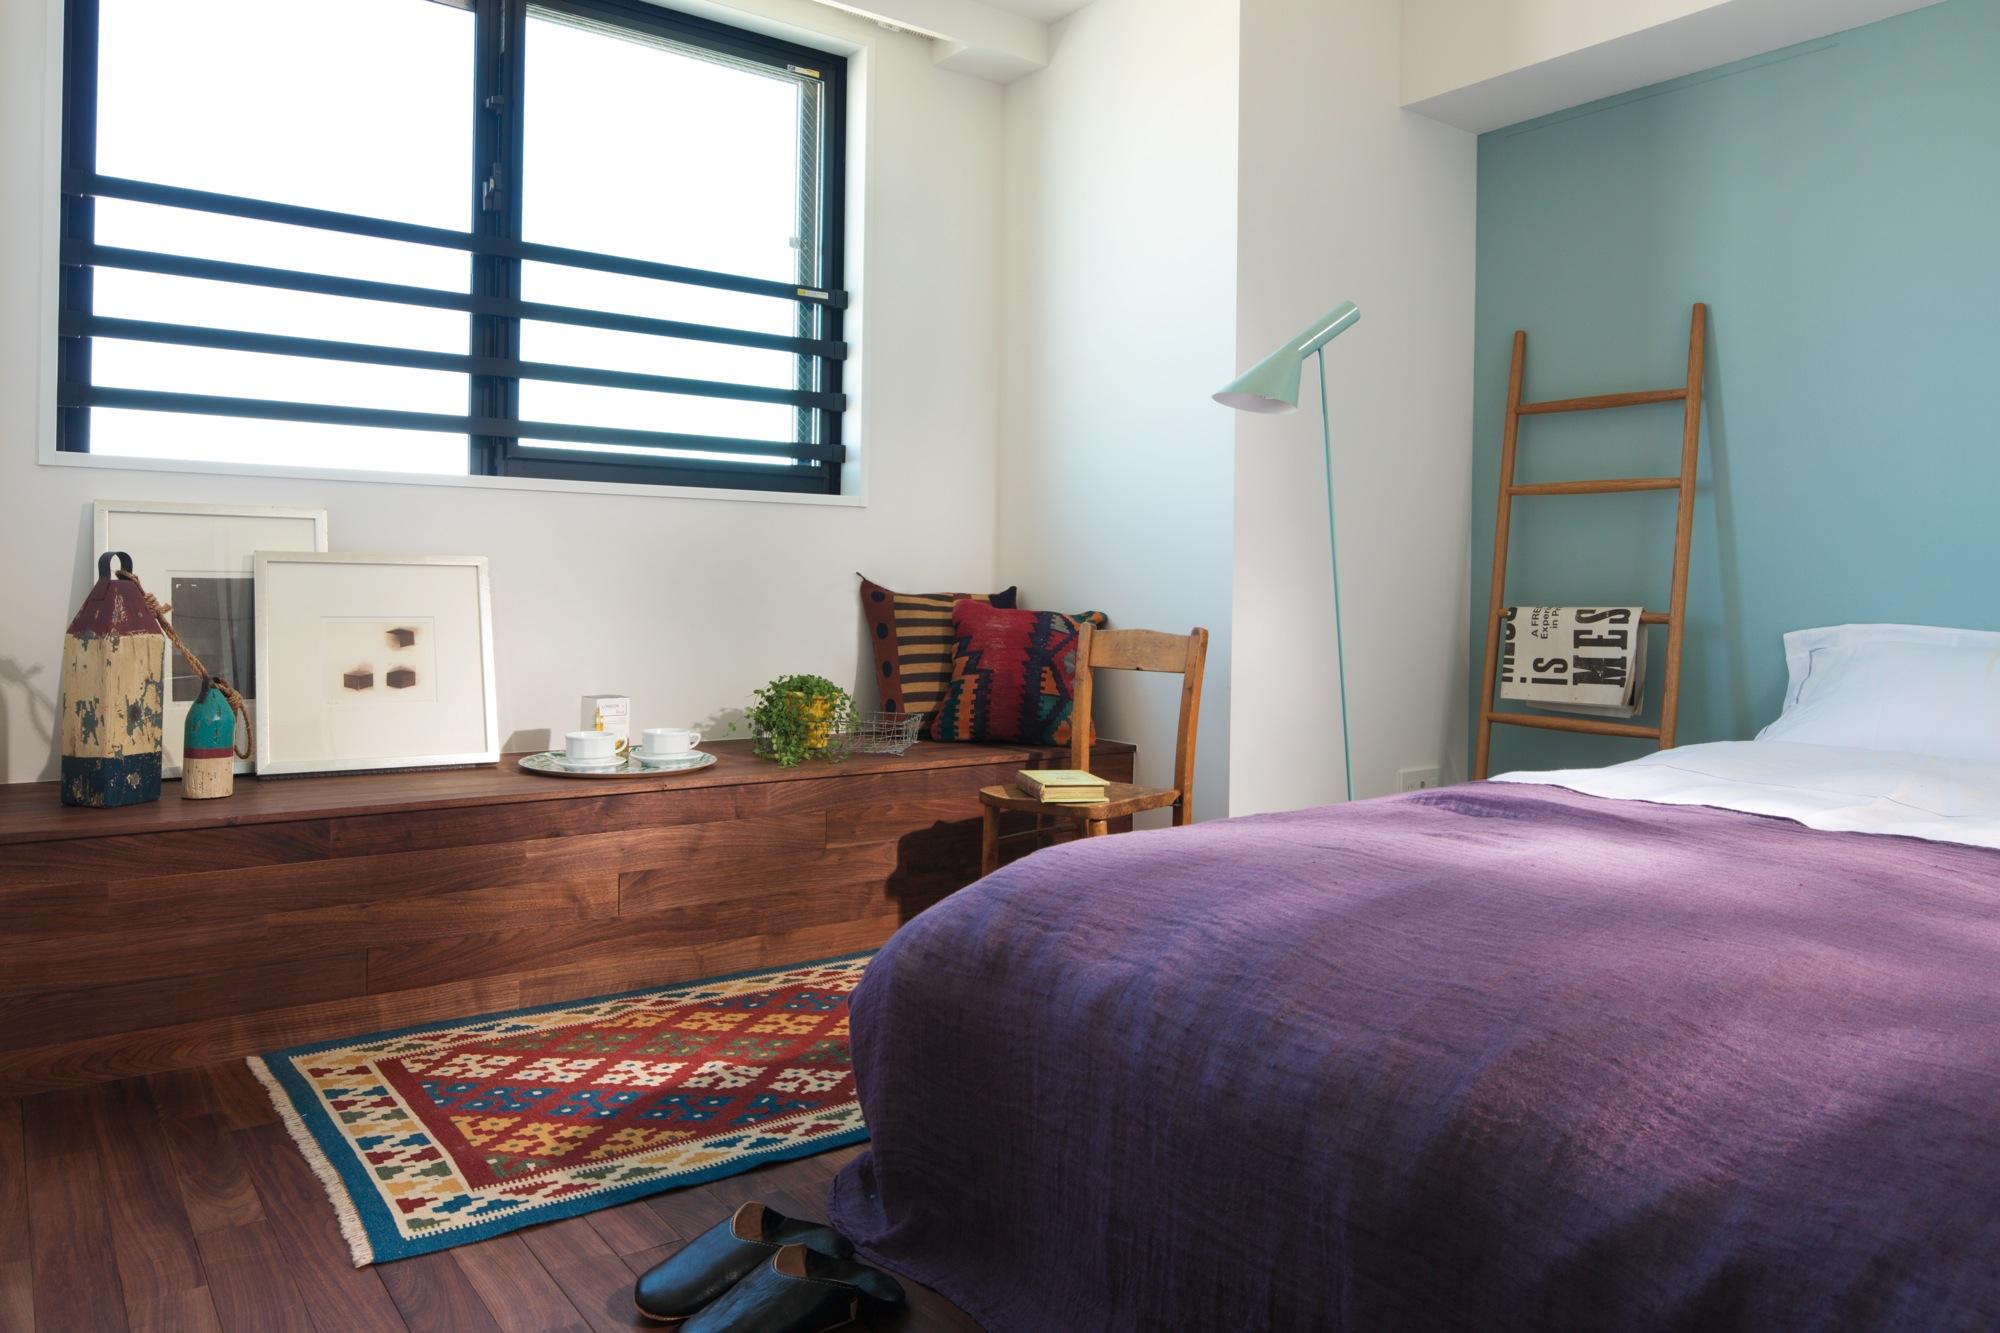 室内(2012年9月)撮影、Innerbenchは無垢材使用、小物・写真など置けるスペースとして利用できます。 イメージ